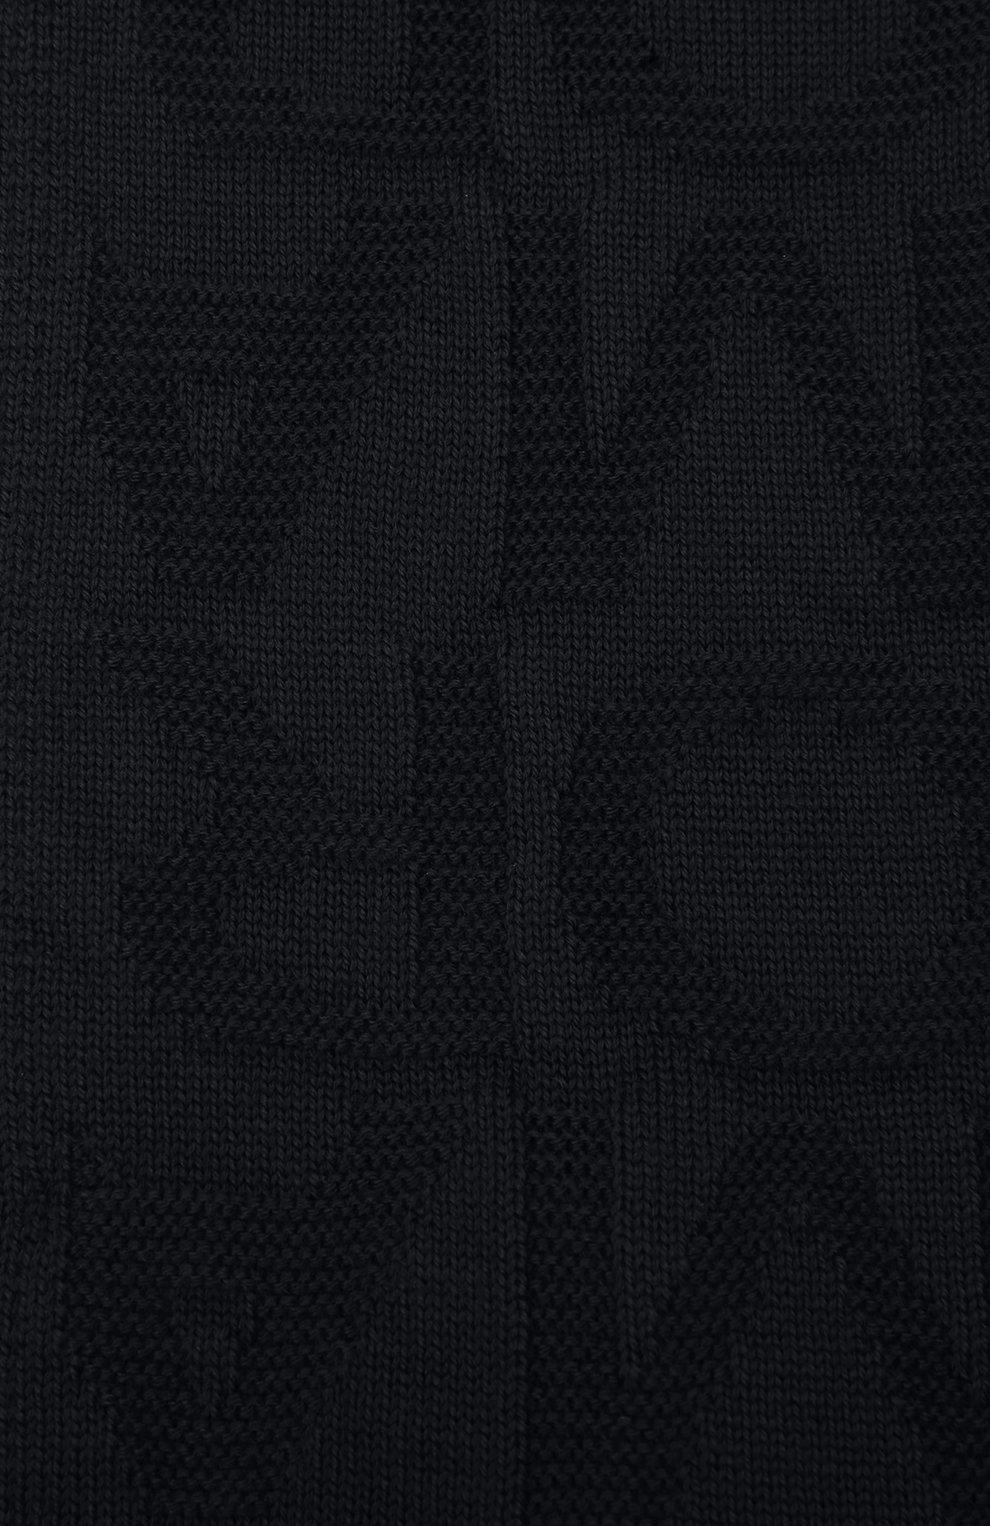 Детский комплект из шапки и шарфа EMPORIO ARMANI синего цвета, арт. 407512/1A762 | Фото 5 (Материал: Текстиль, Шерсть, Синтетический материал)